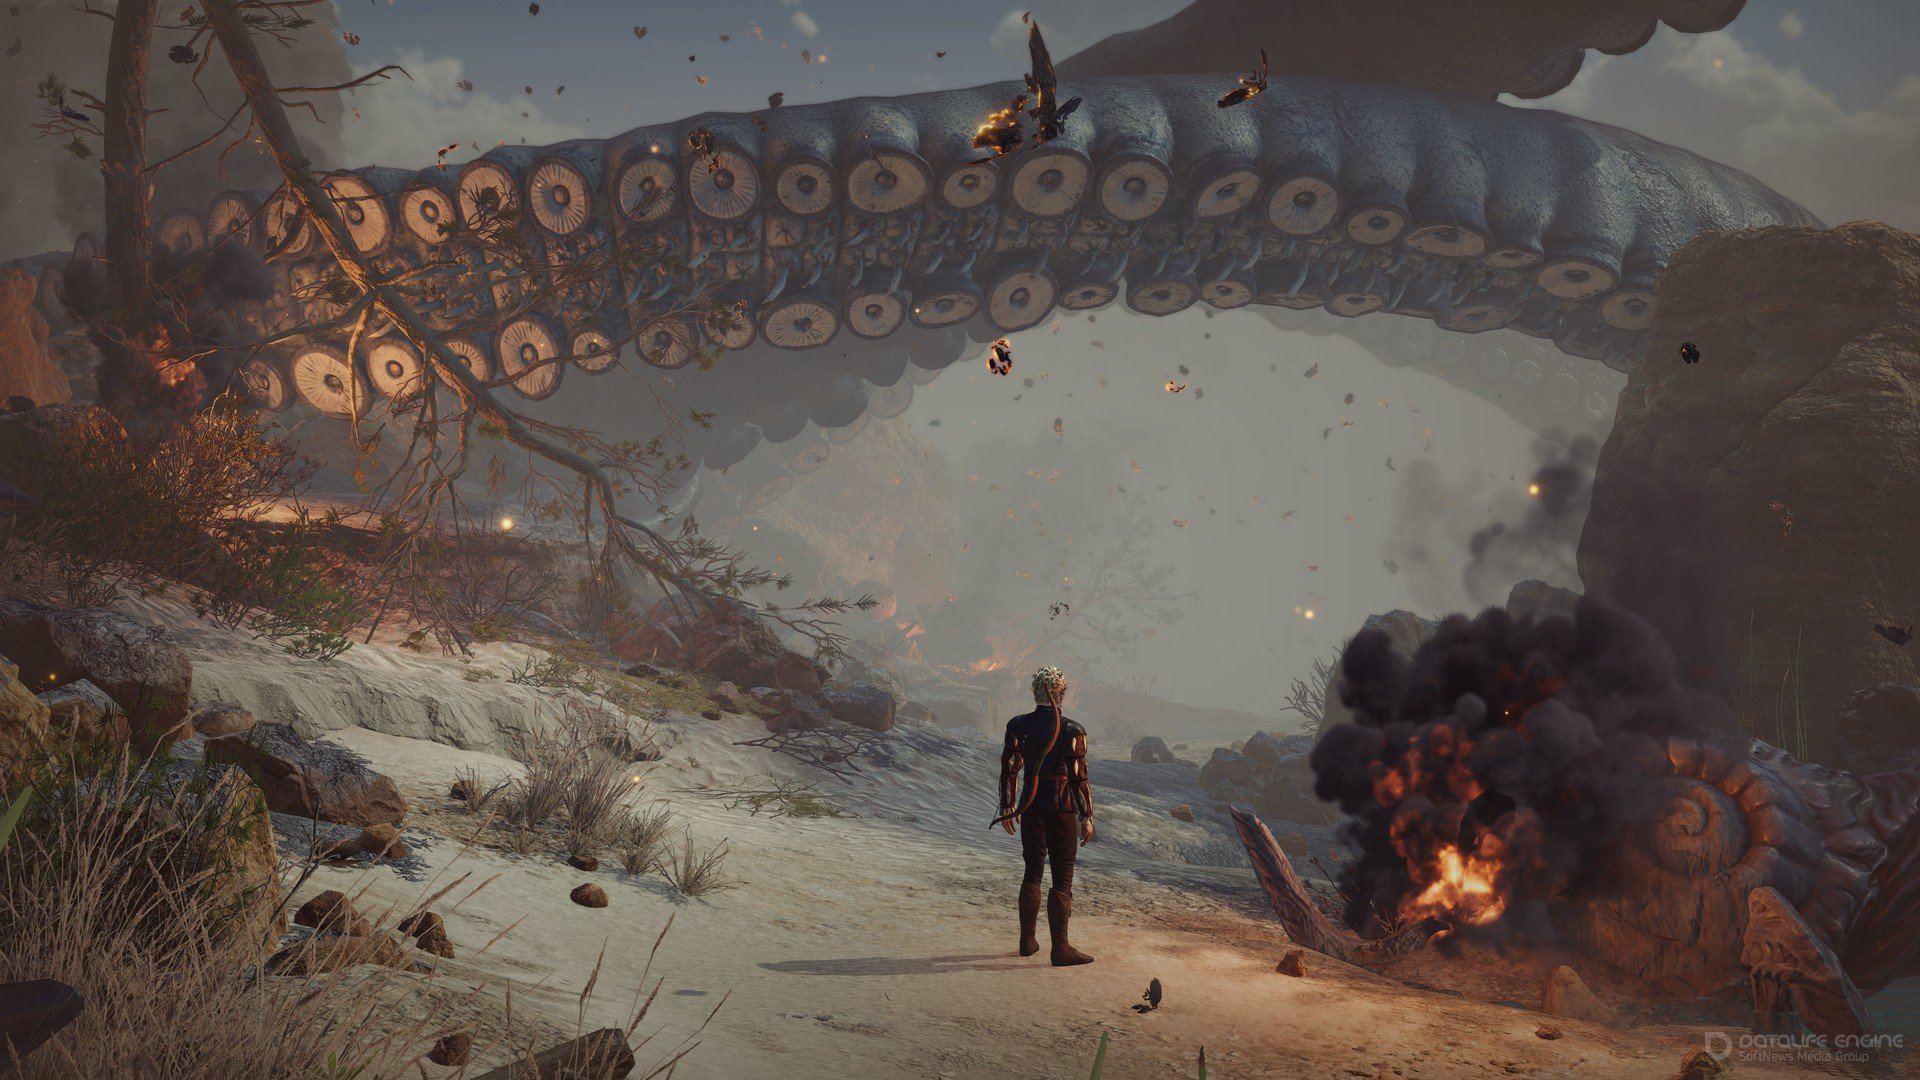 Скриншот к игре Baldur's Gate 3 [4.1.90.6165 EA] (2020) скачать торрент RePack от R.G. Механики